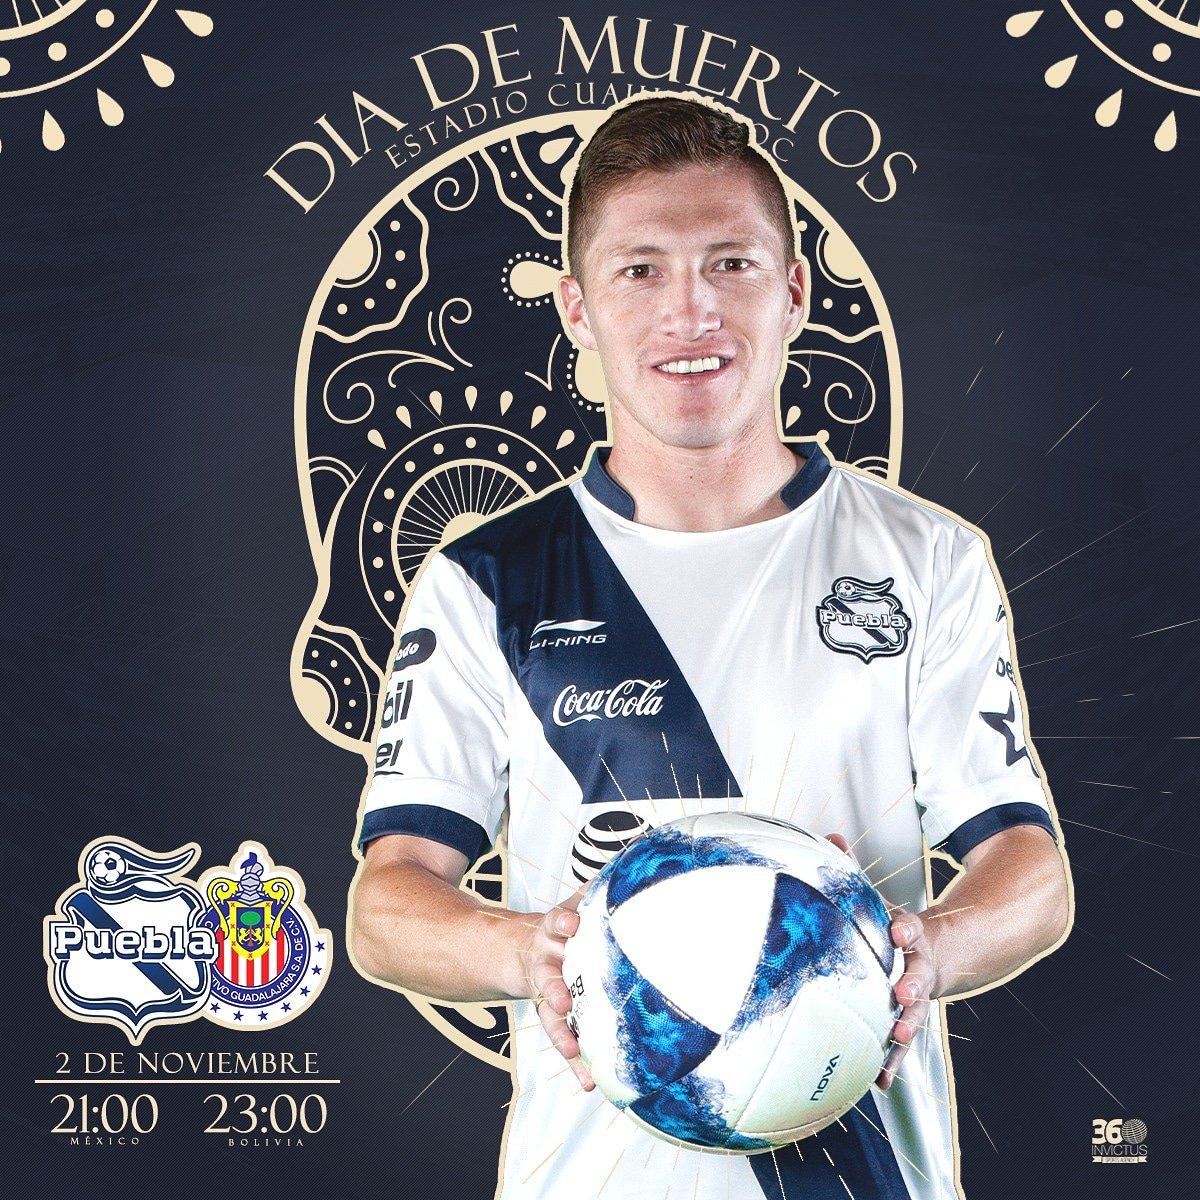 En vivo en que canal juega Puebla vs Chivas 2018 previo Morelia Puebla